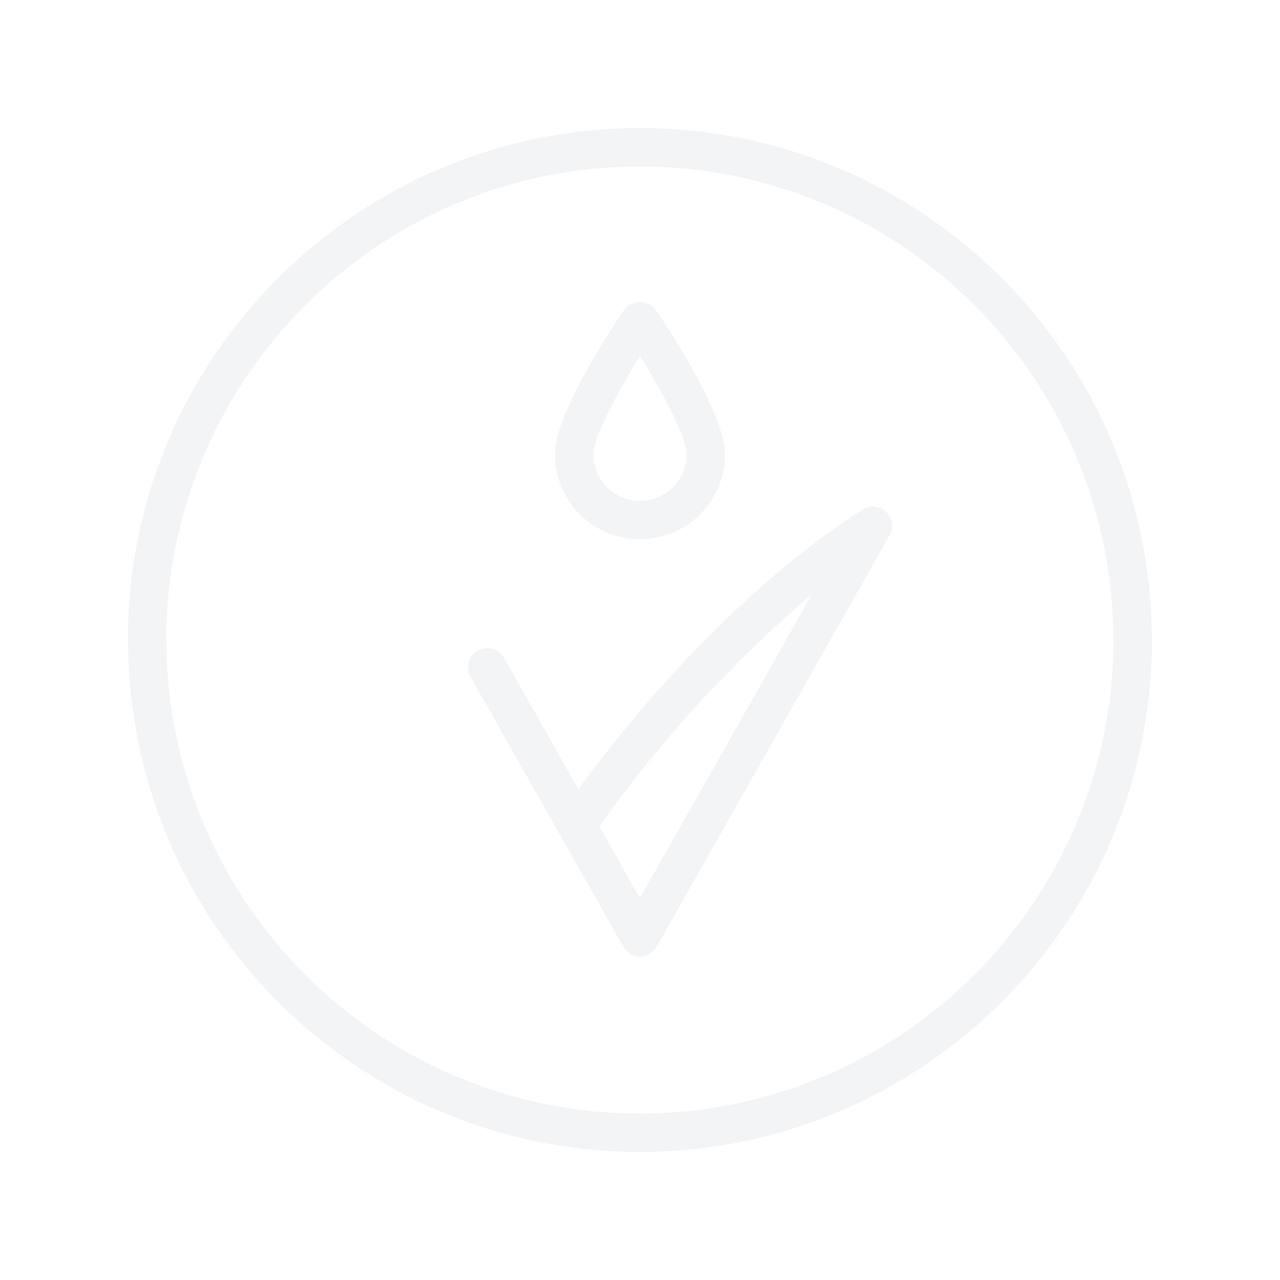 MISSHA All Around Safe Block Velvet Finish Sun Milk SPF50 70ml